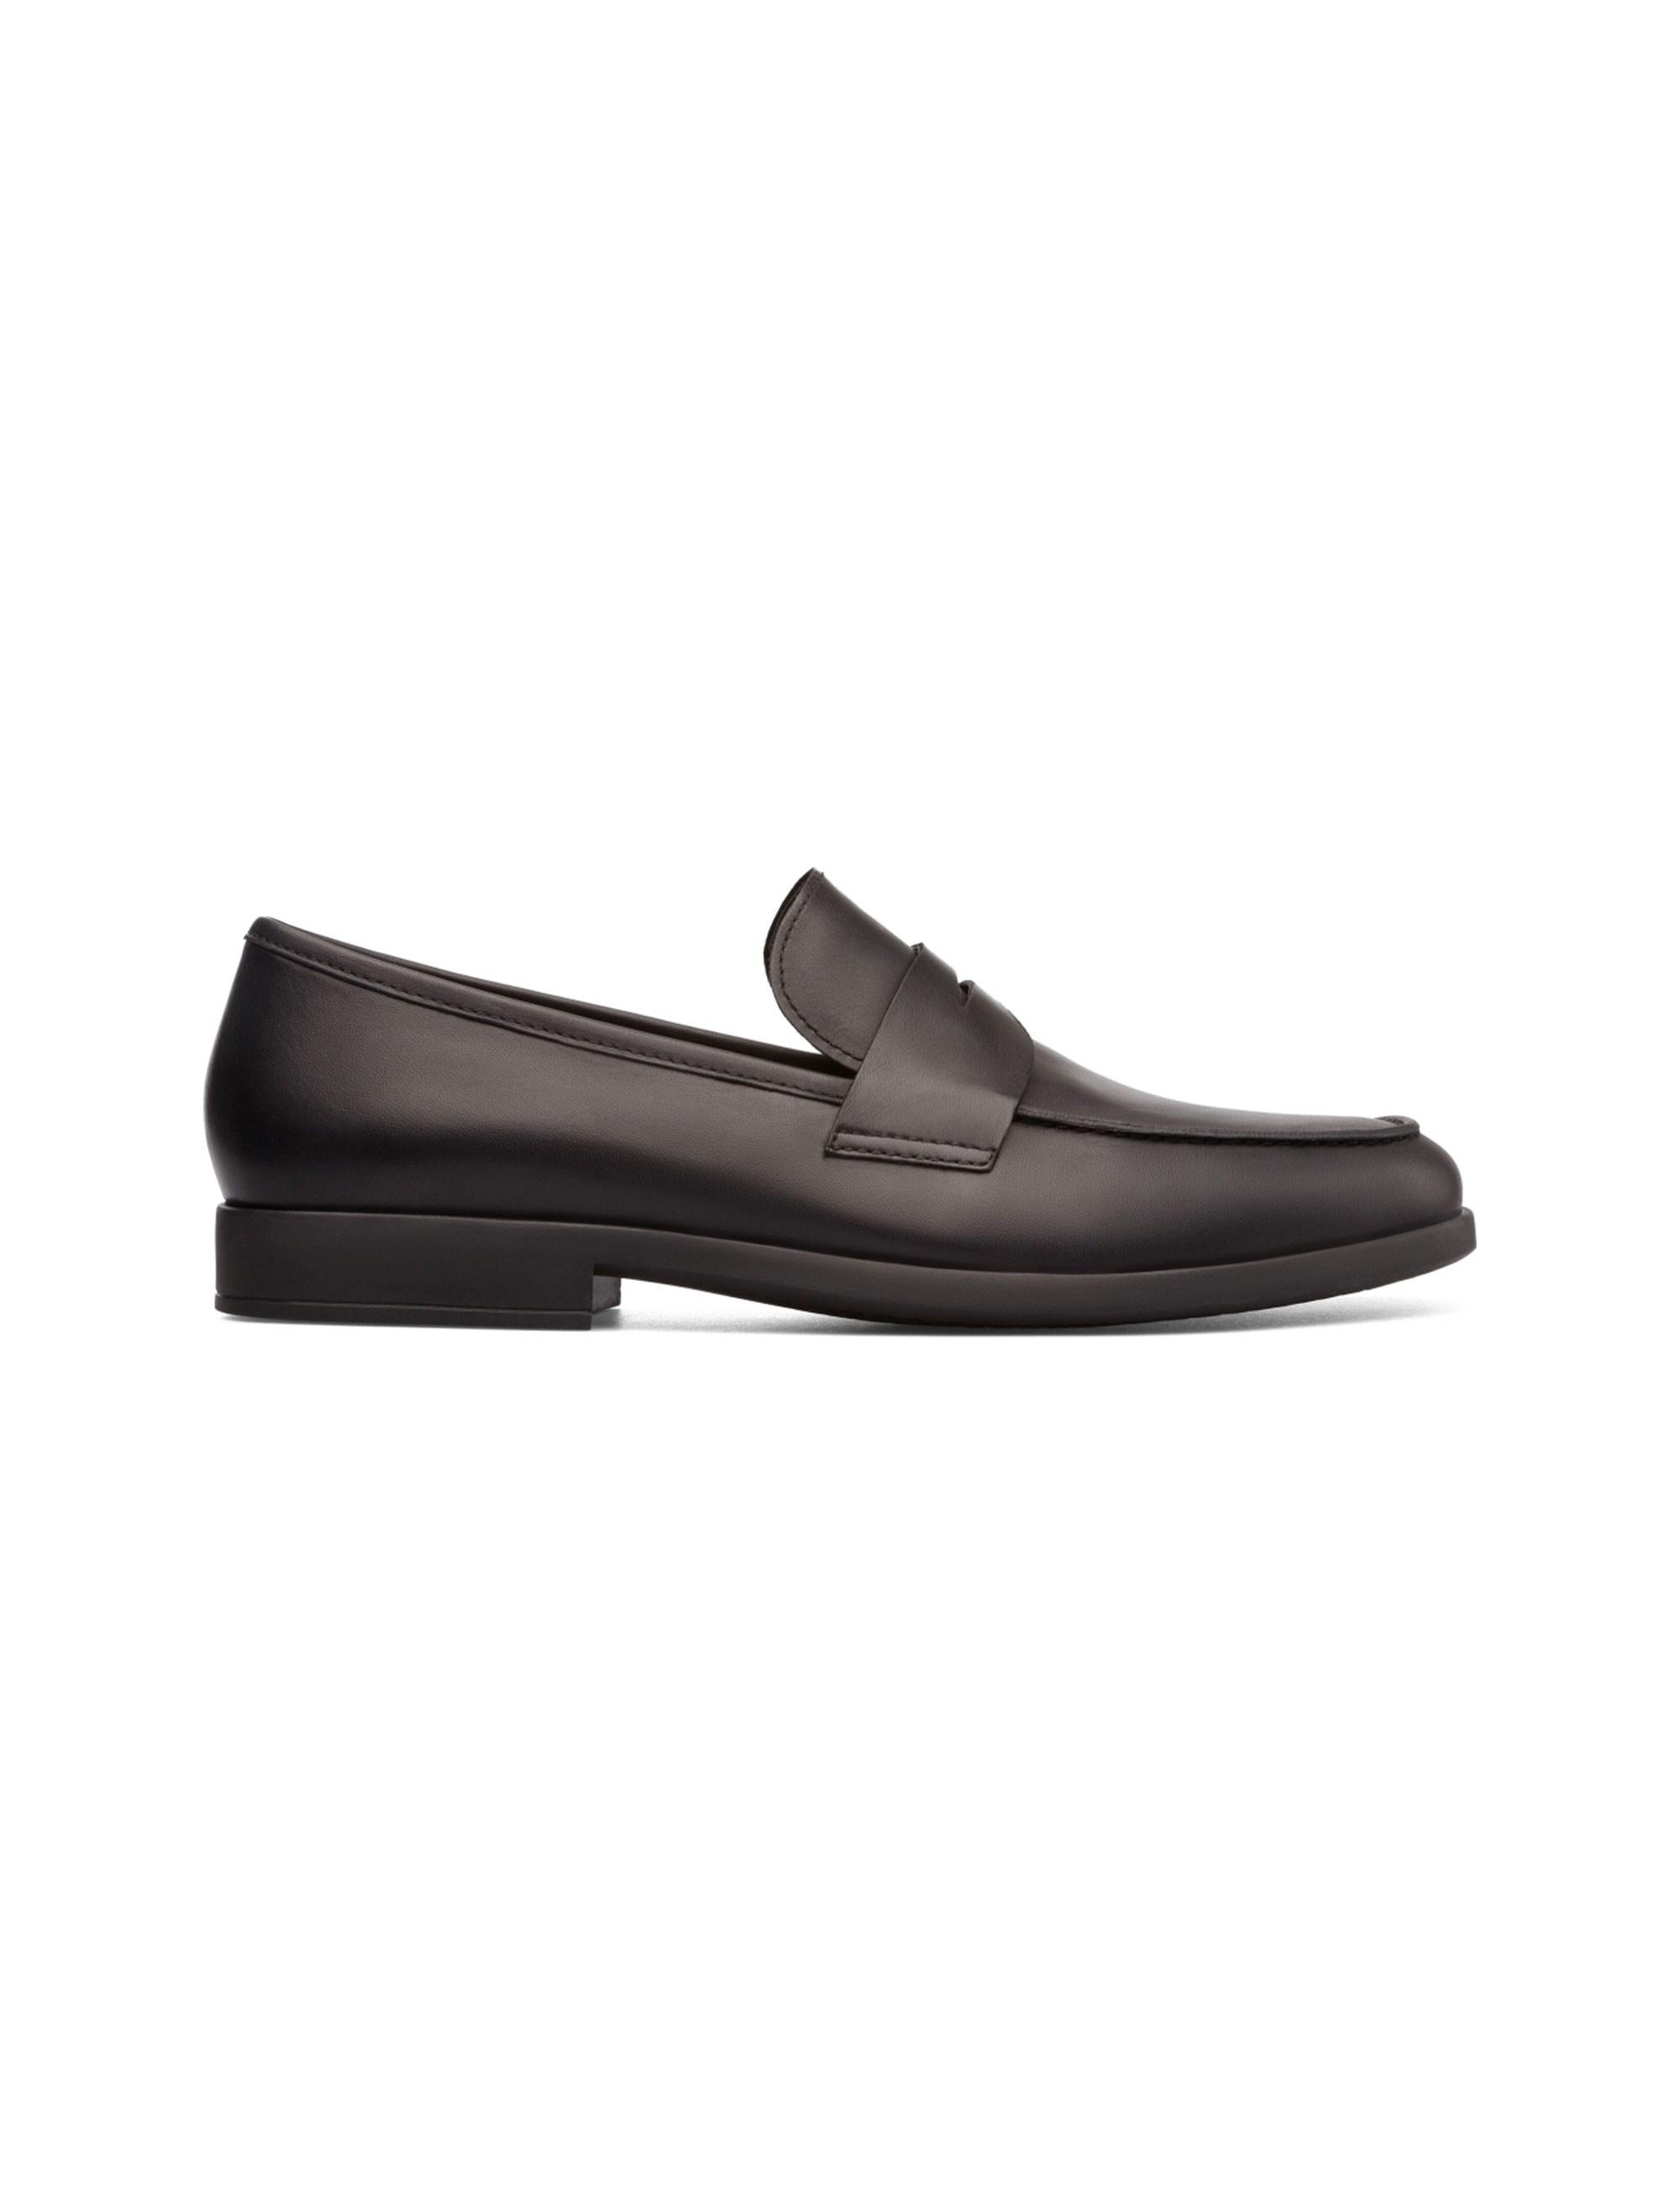 کفش رسمی چرم مردانه - کمپر